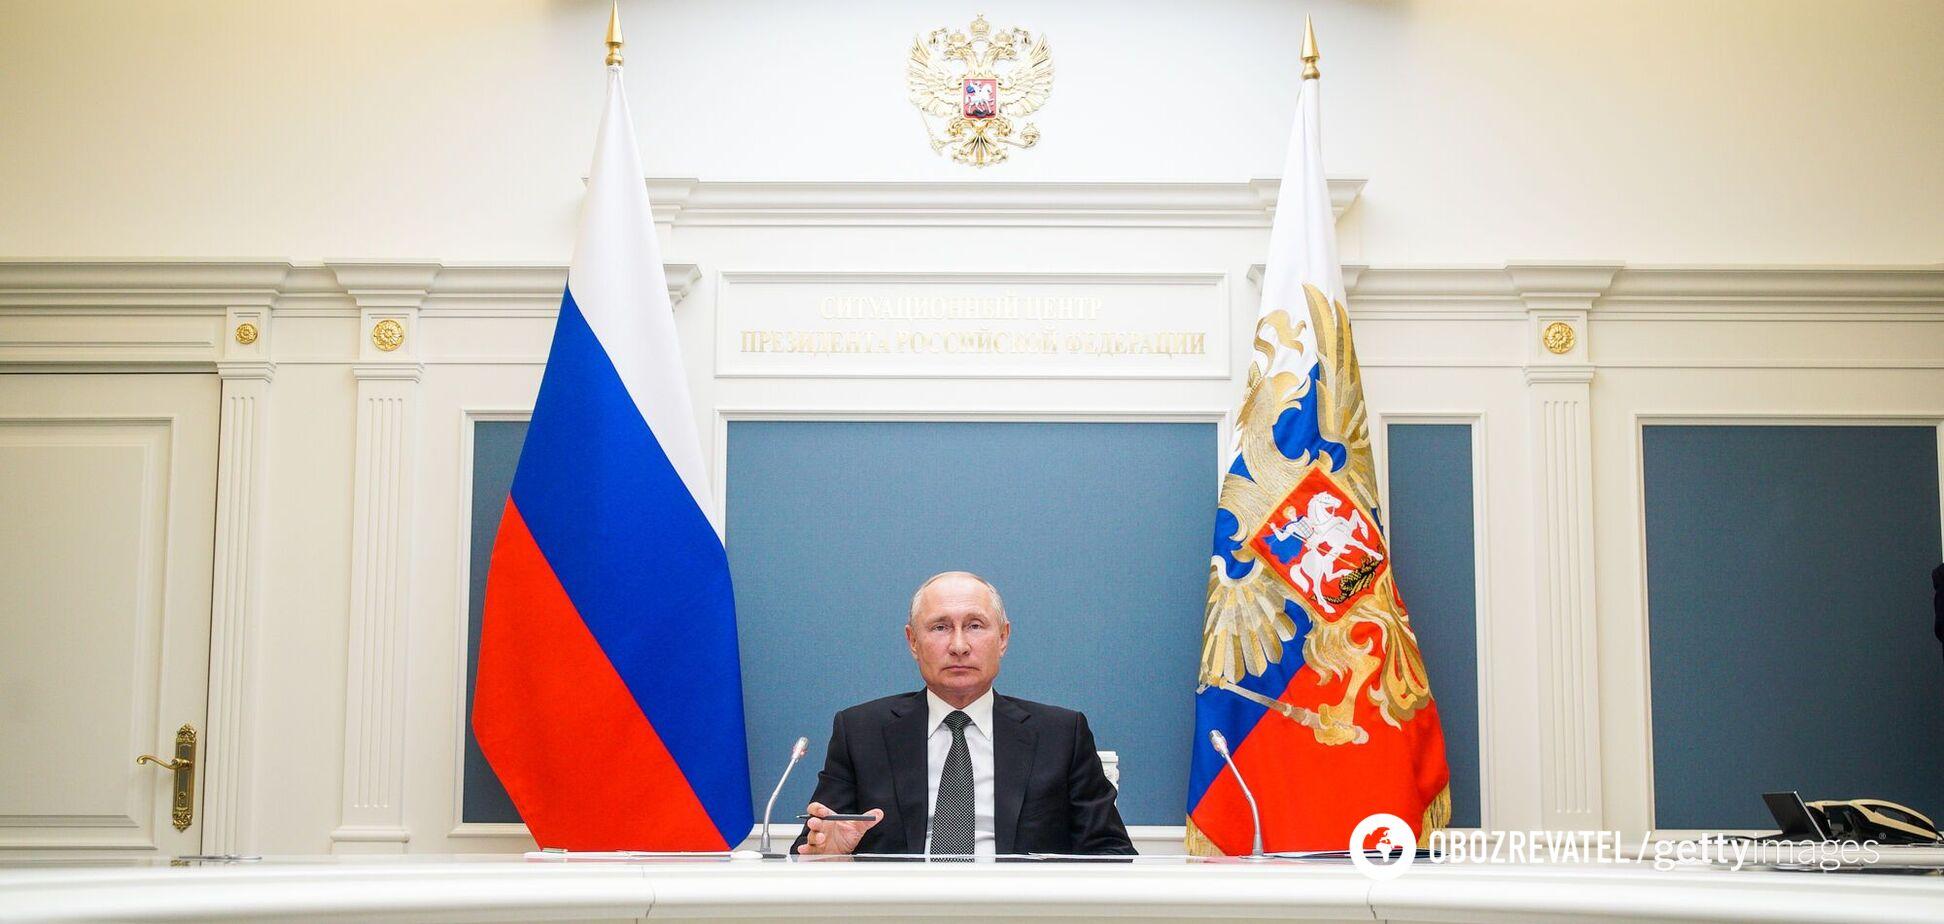 Володимир Путін кілька місяців не з'являється на публіці, чим провокує чутки про свою хворобу